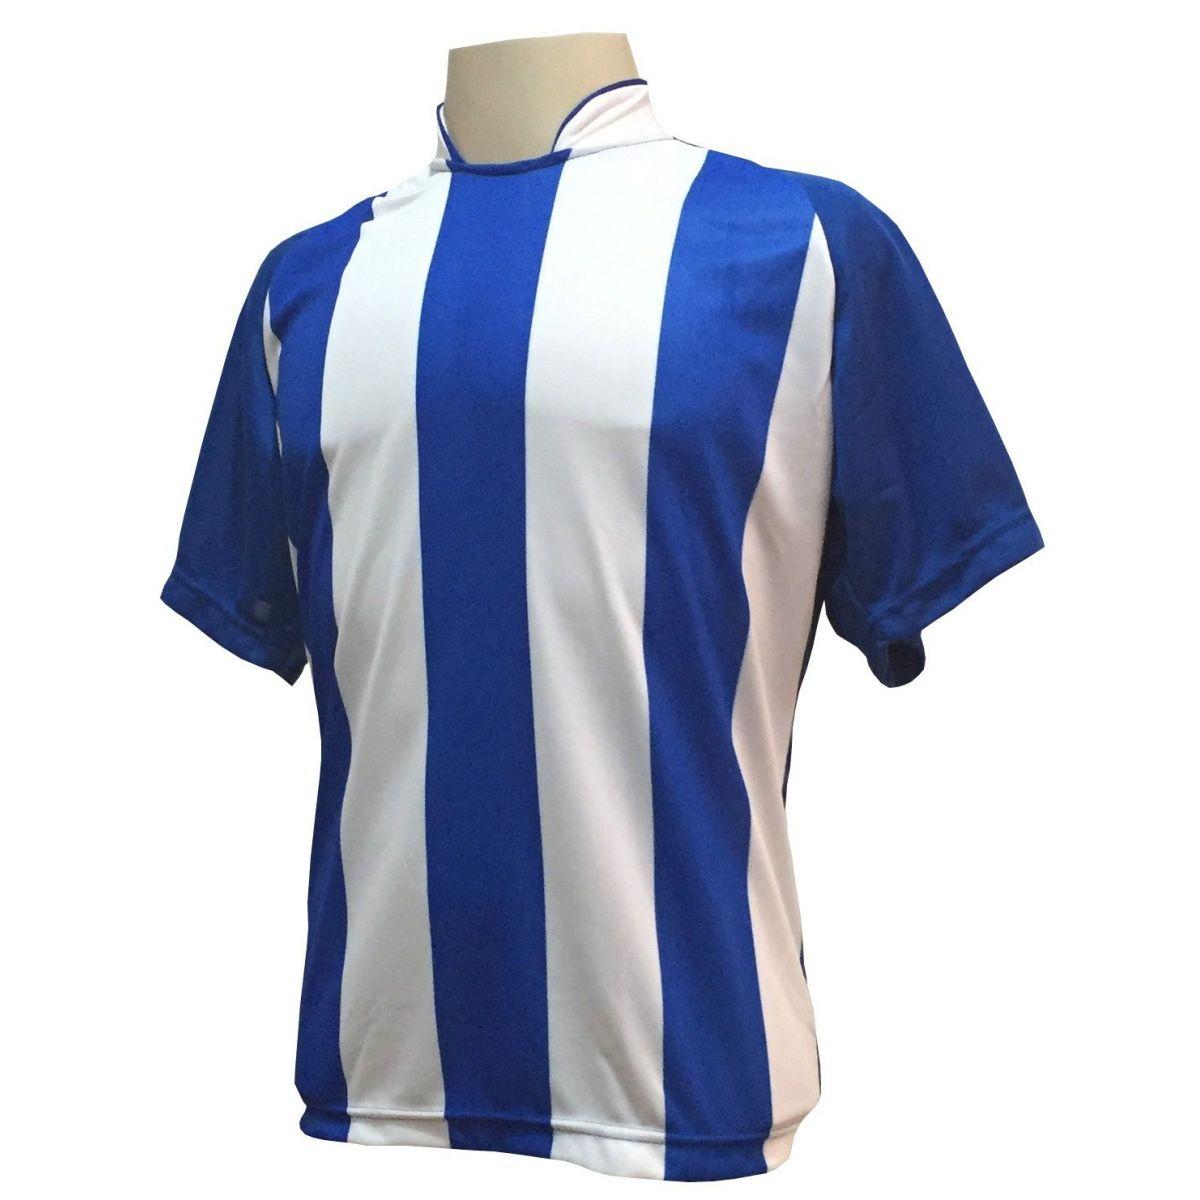 Jogo de Camisa com 18 unidades modelo Milan Royal/Branco + Brindes